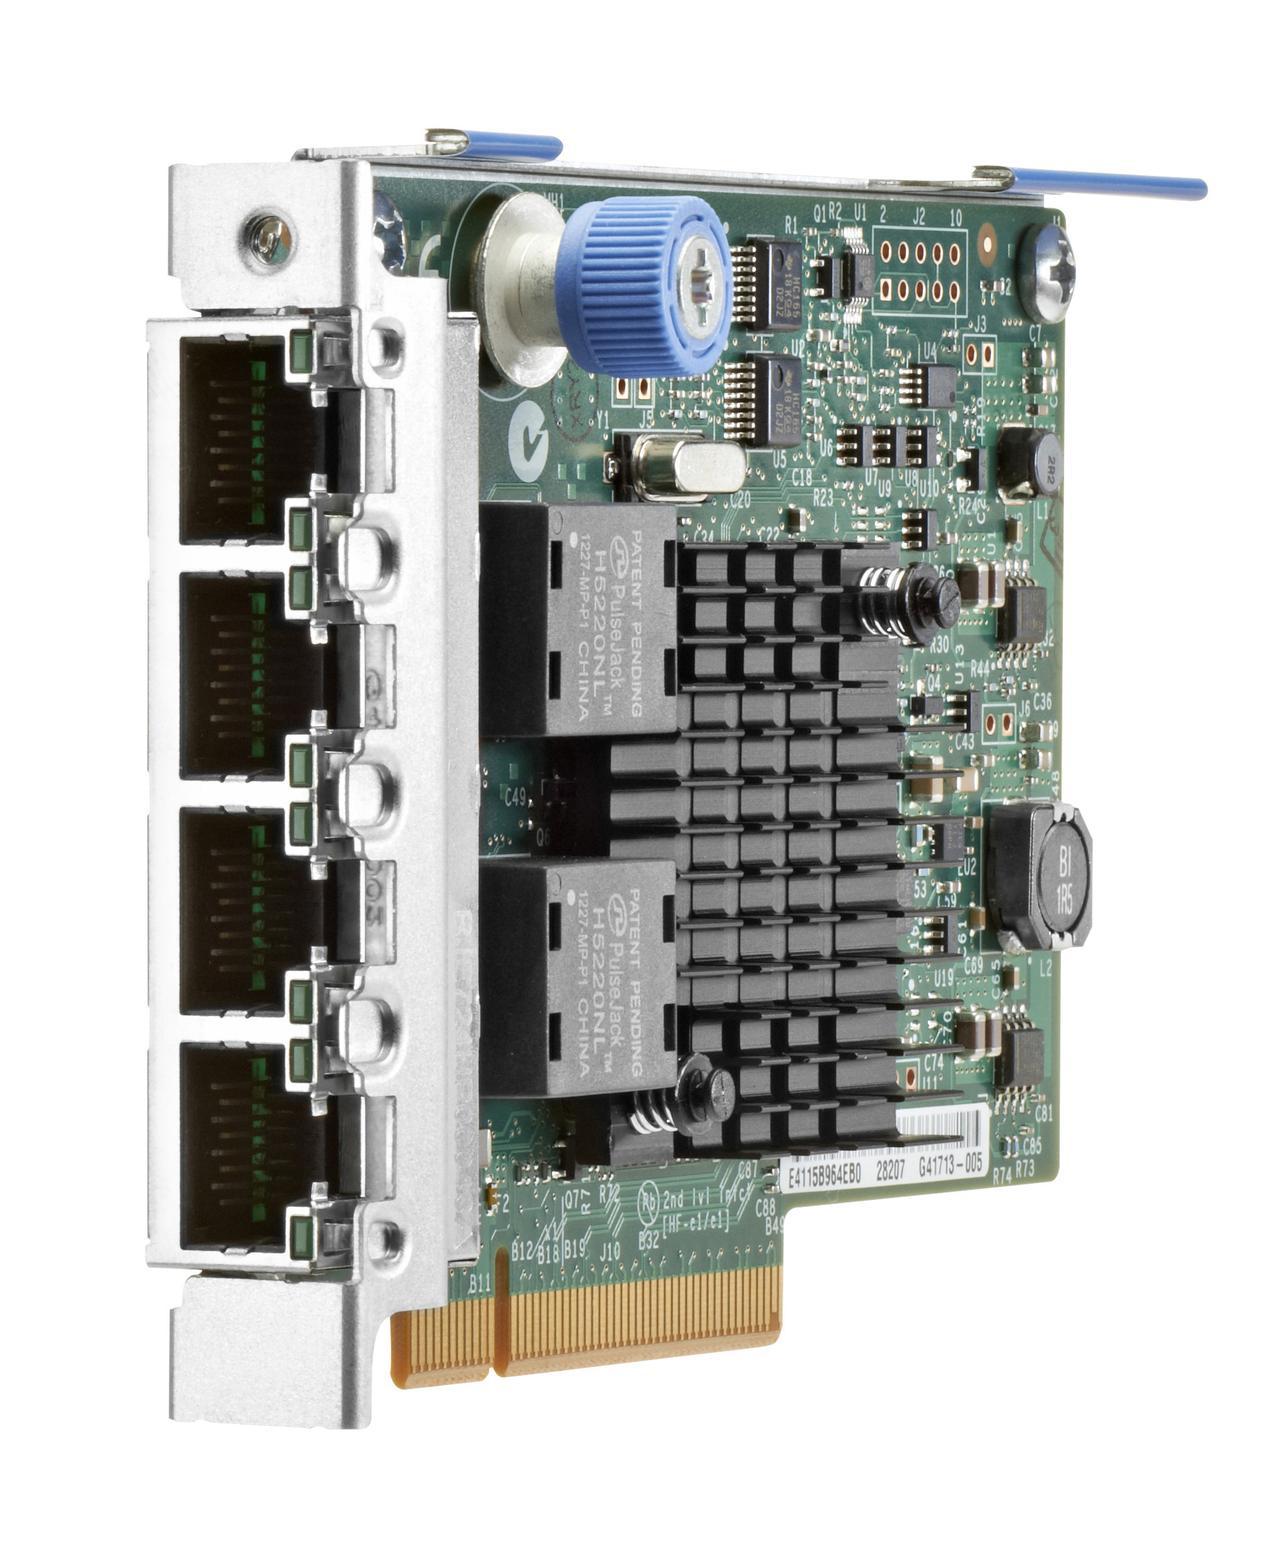 Hewlett Packard Enterprise Ethernet 1Gb 4-port 366FLR Internal 1000 Mbit/s